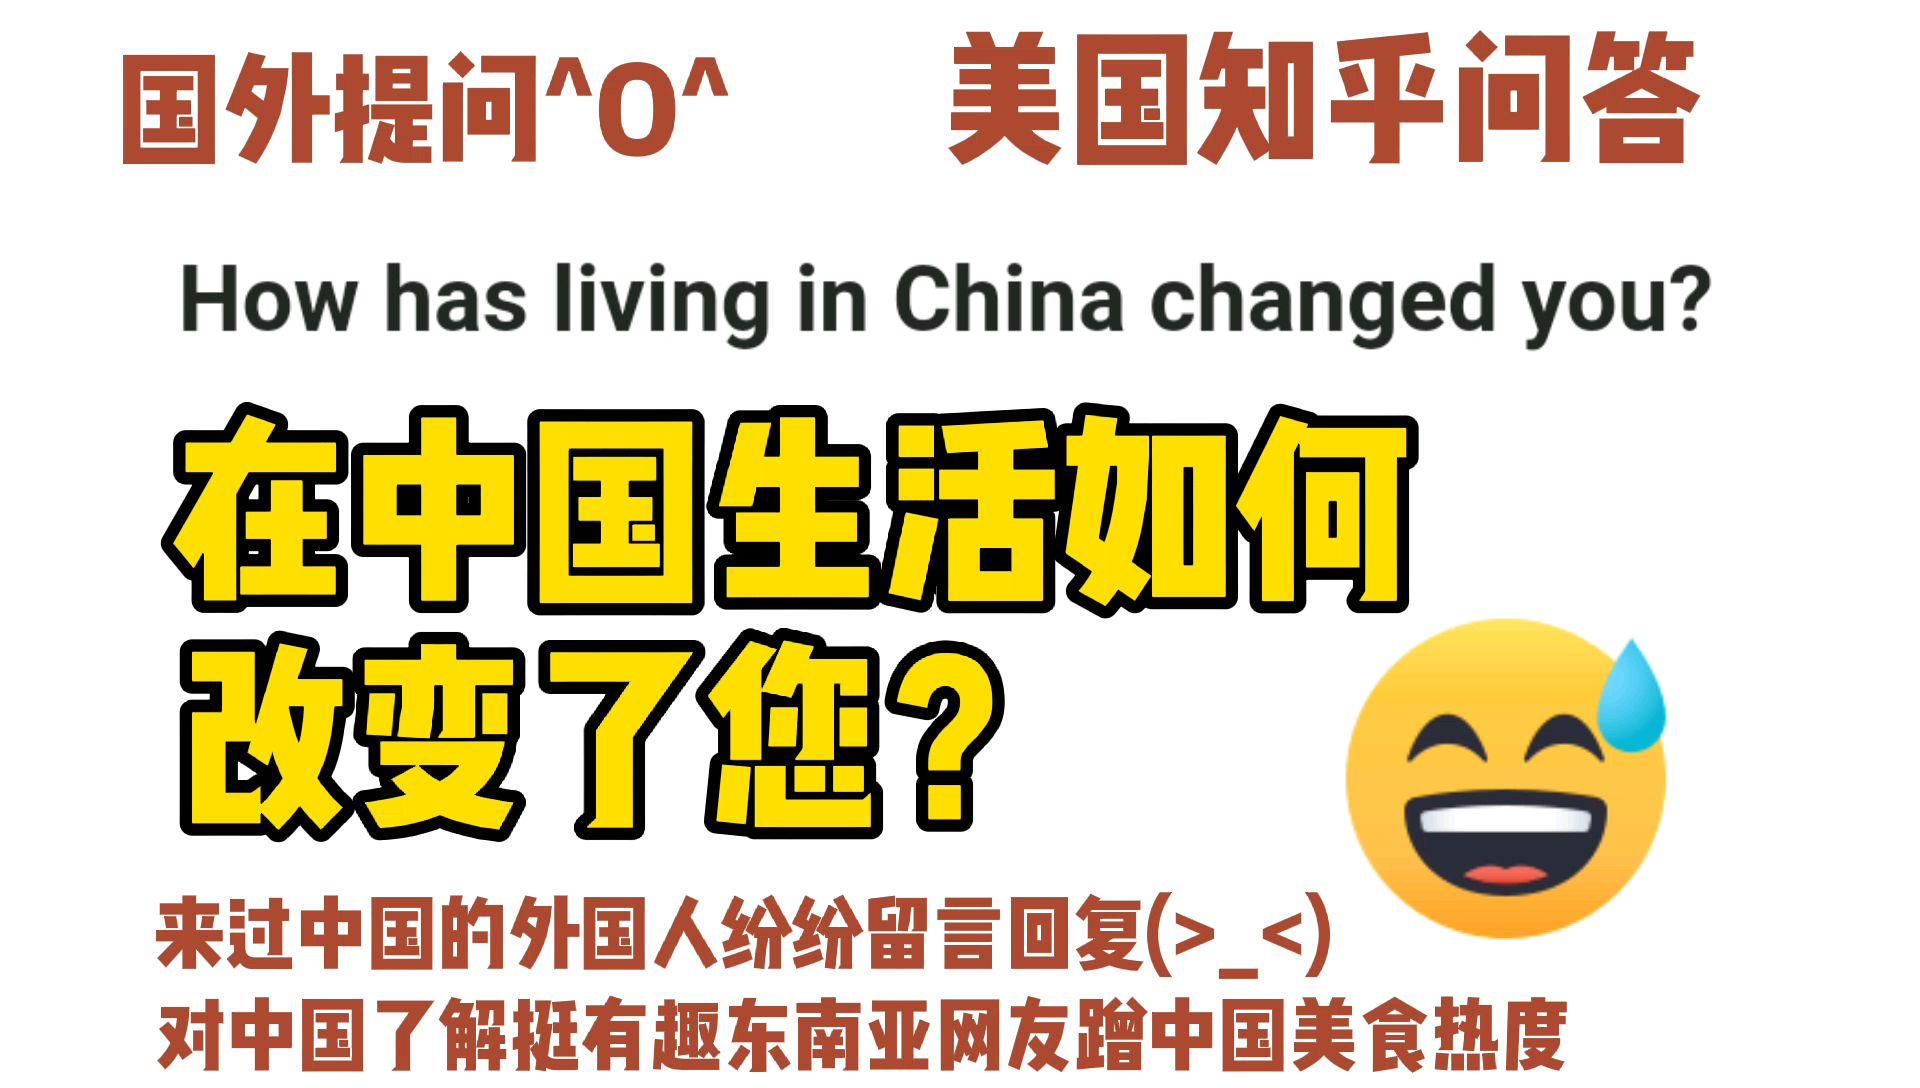 美国知乎,请问在中国的生活如何改变了您?来过中国的外国网友纷纷回复提问,东南亚网友来蹭中国美食热度